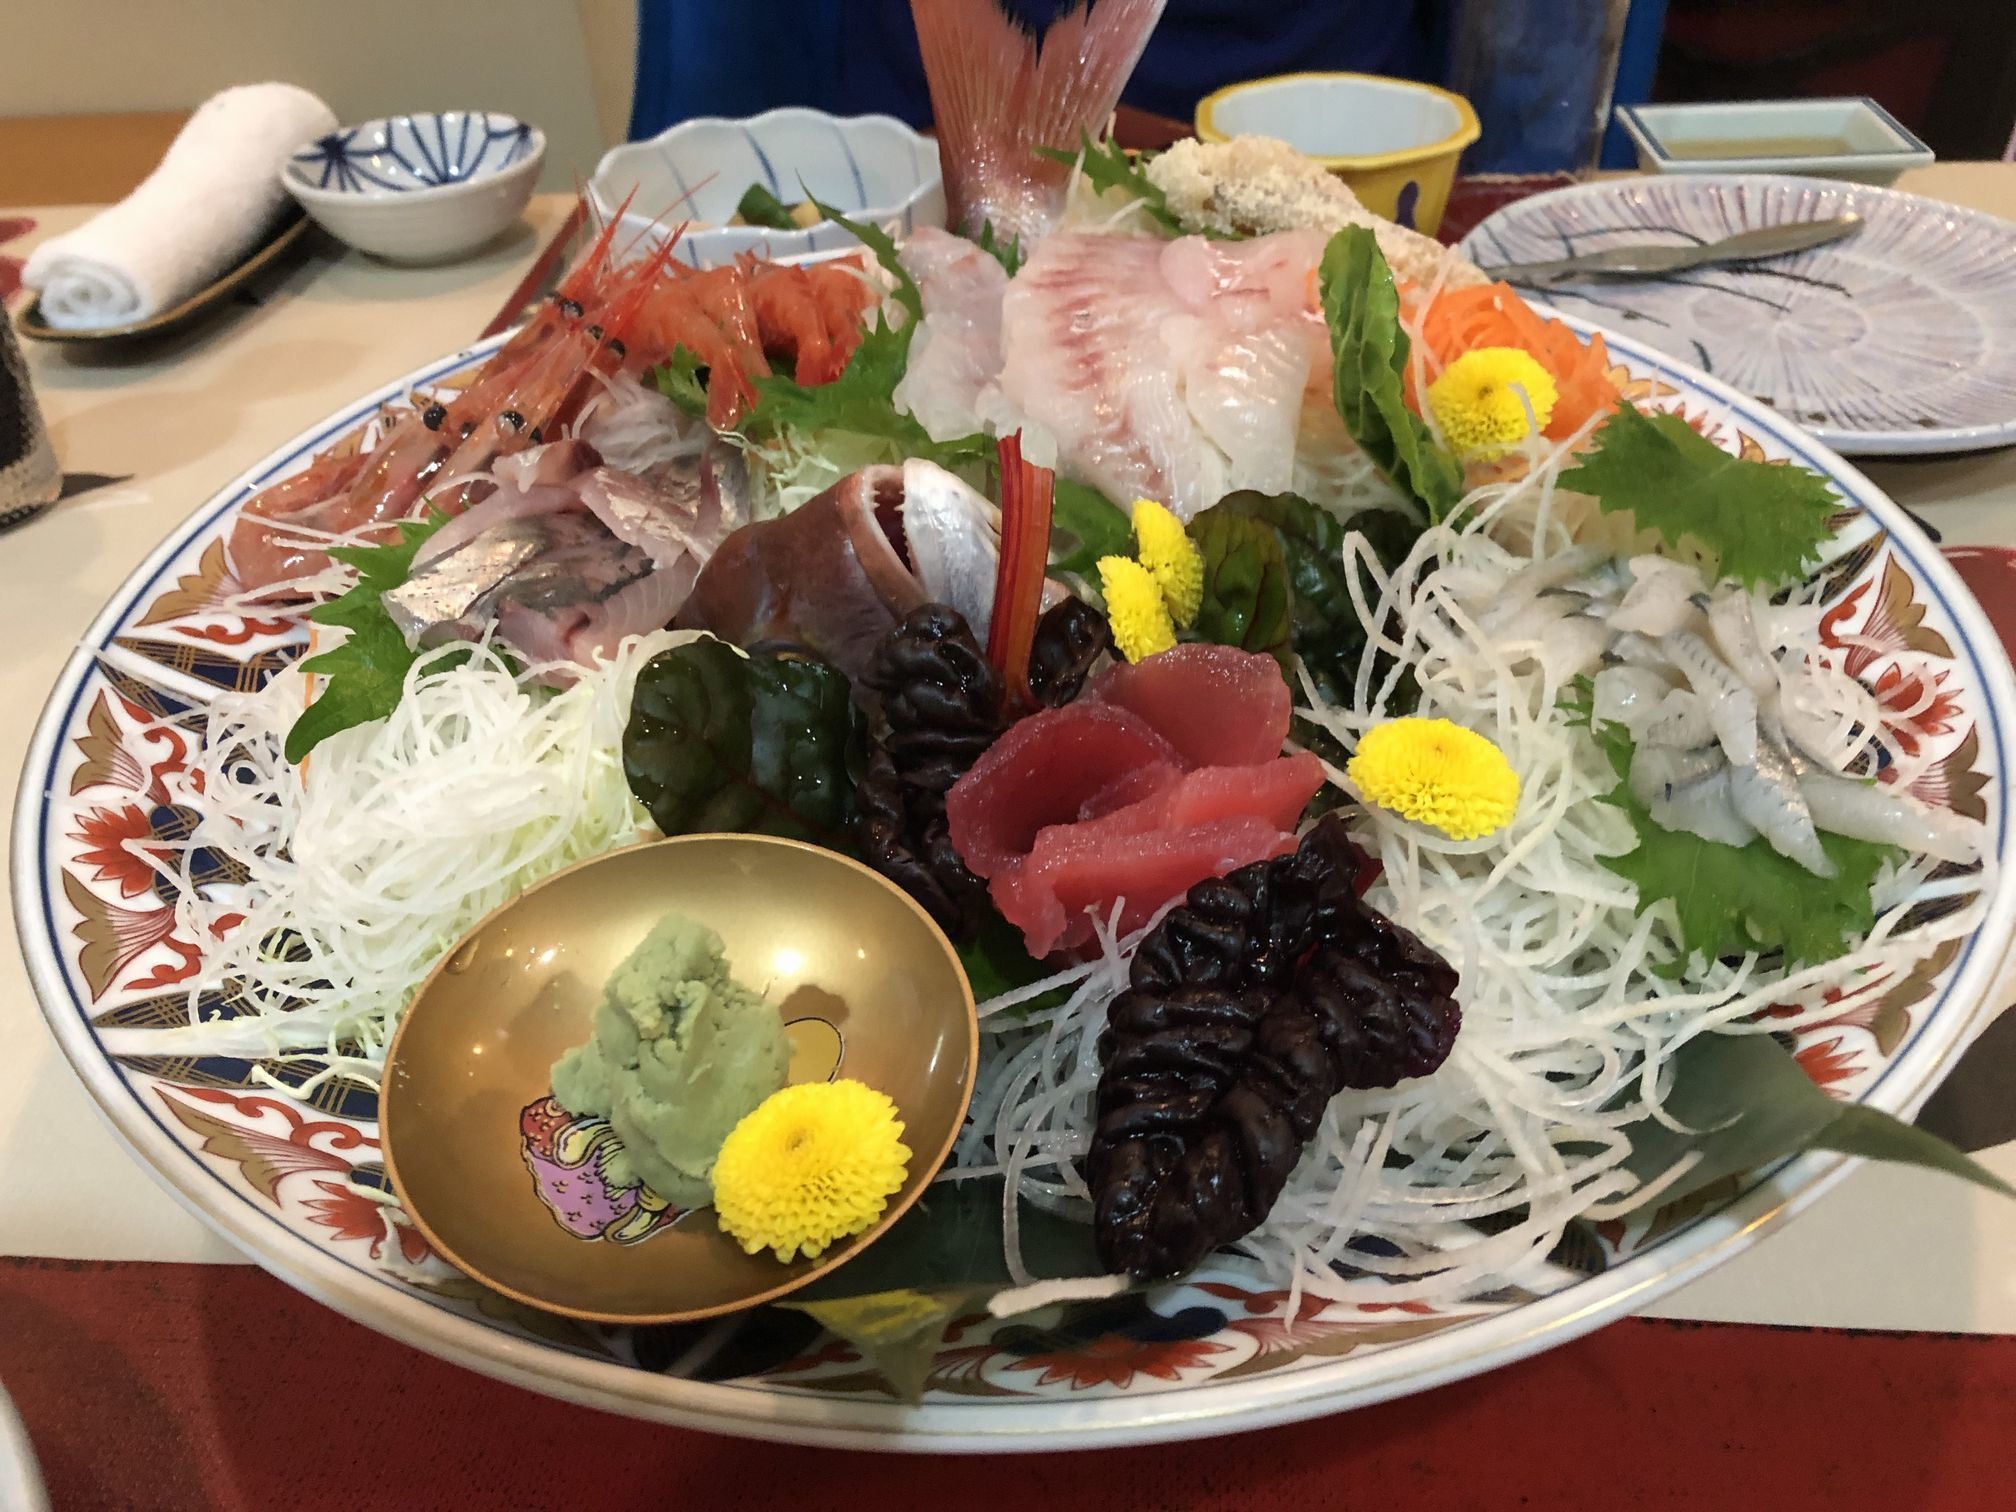 んまいもんシリーズ 2019年 群馬~岐阜~石川県旅行編_f0128542_02091941.jpg